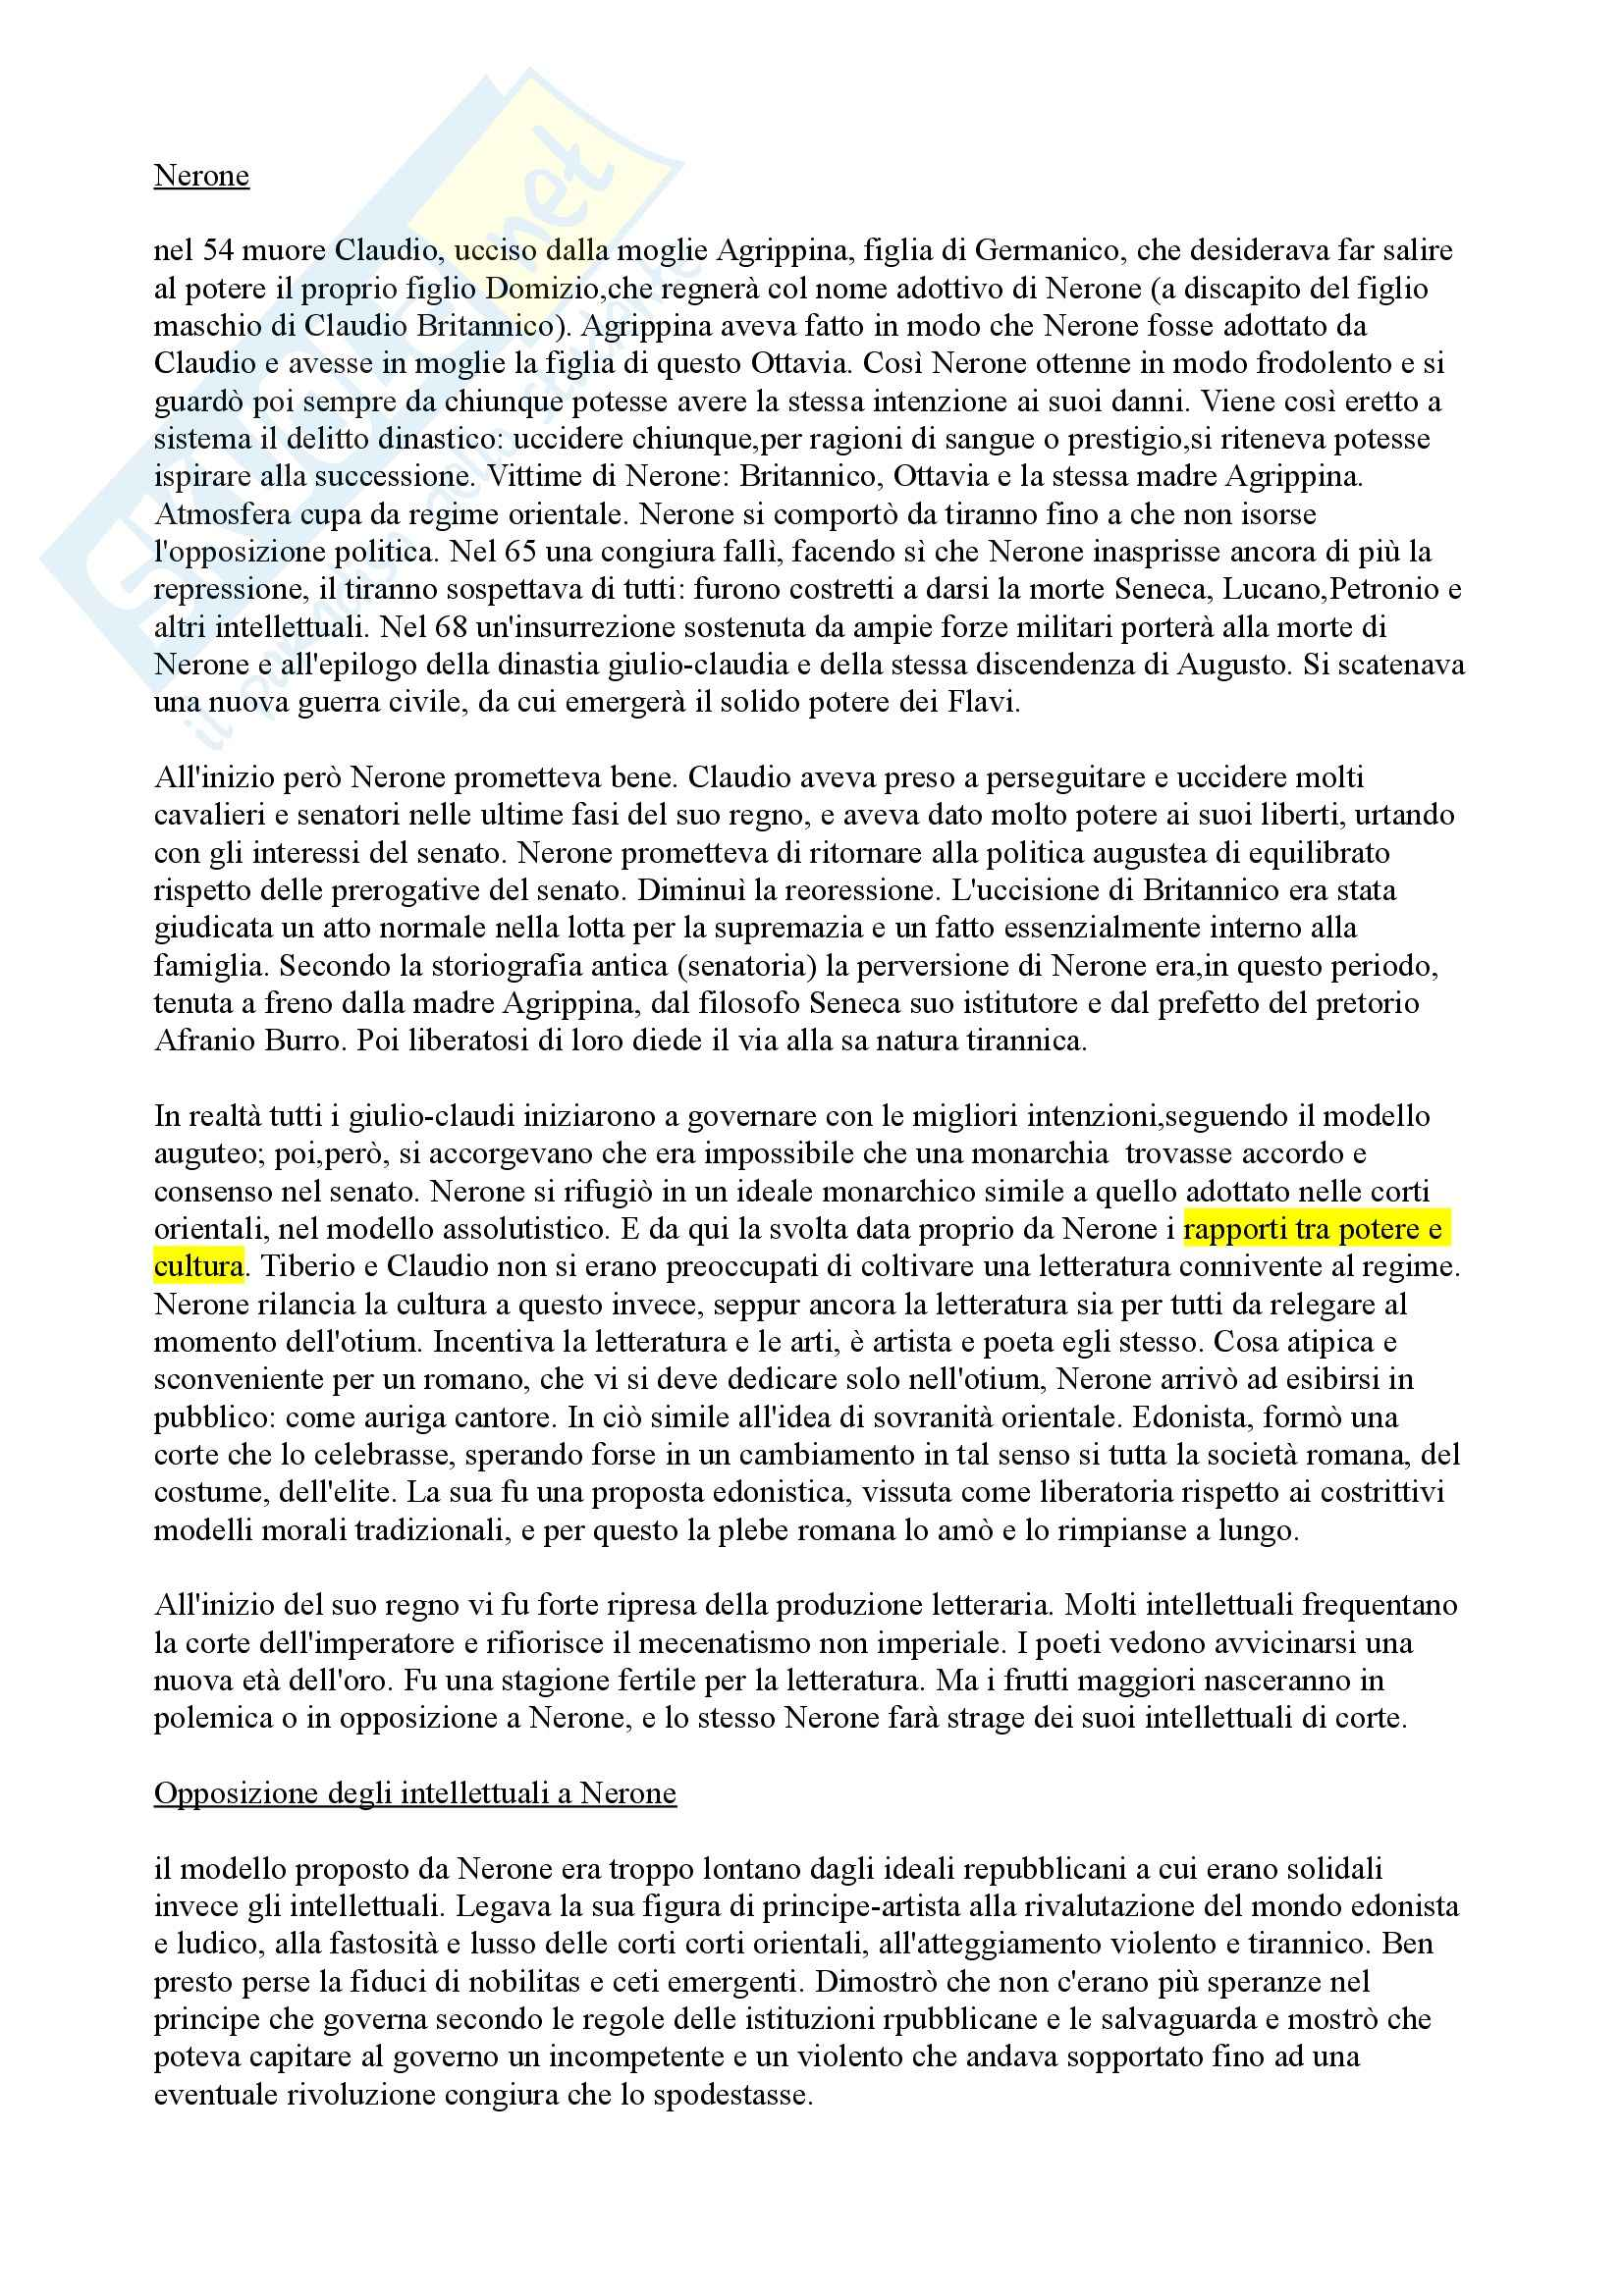 Letteratura latina - Età di Nerone